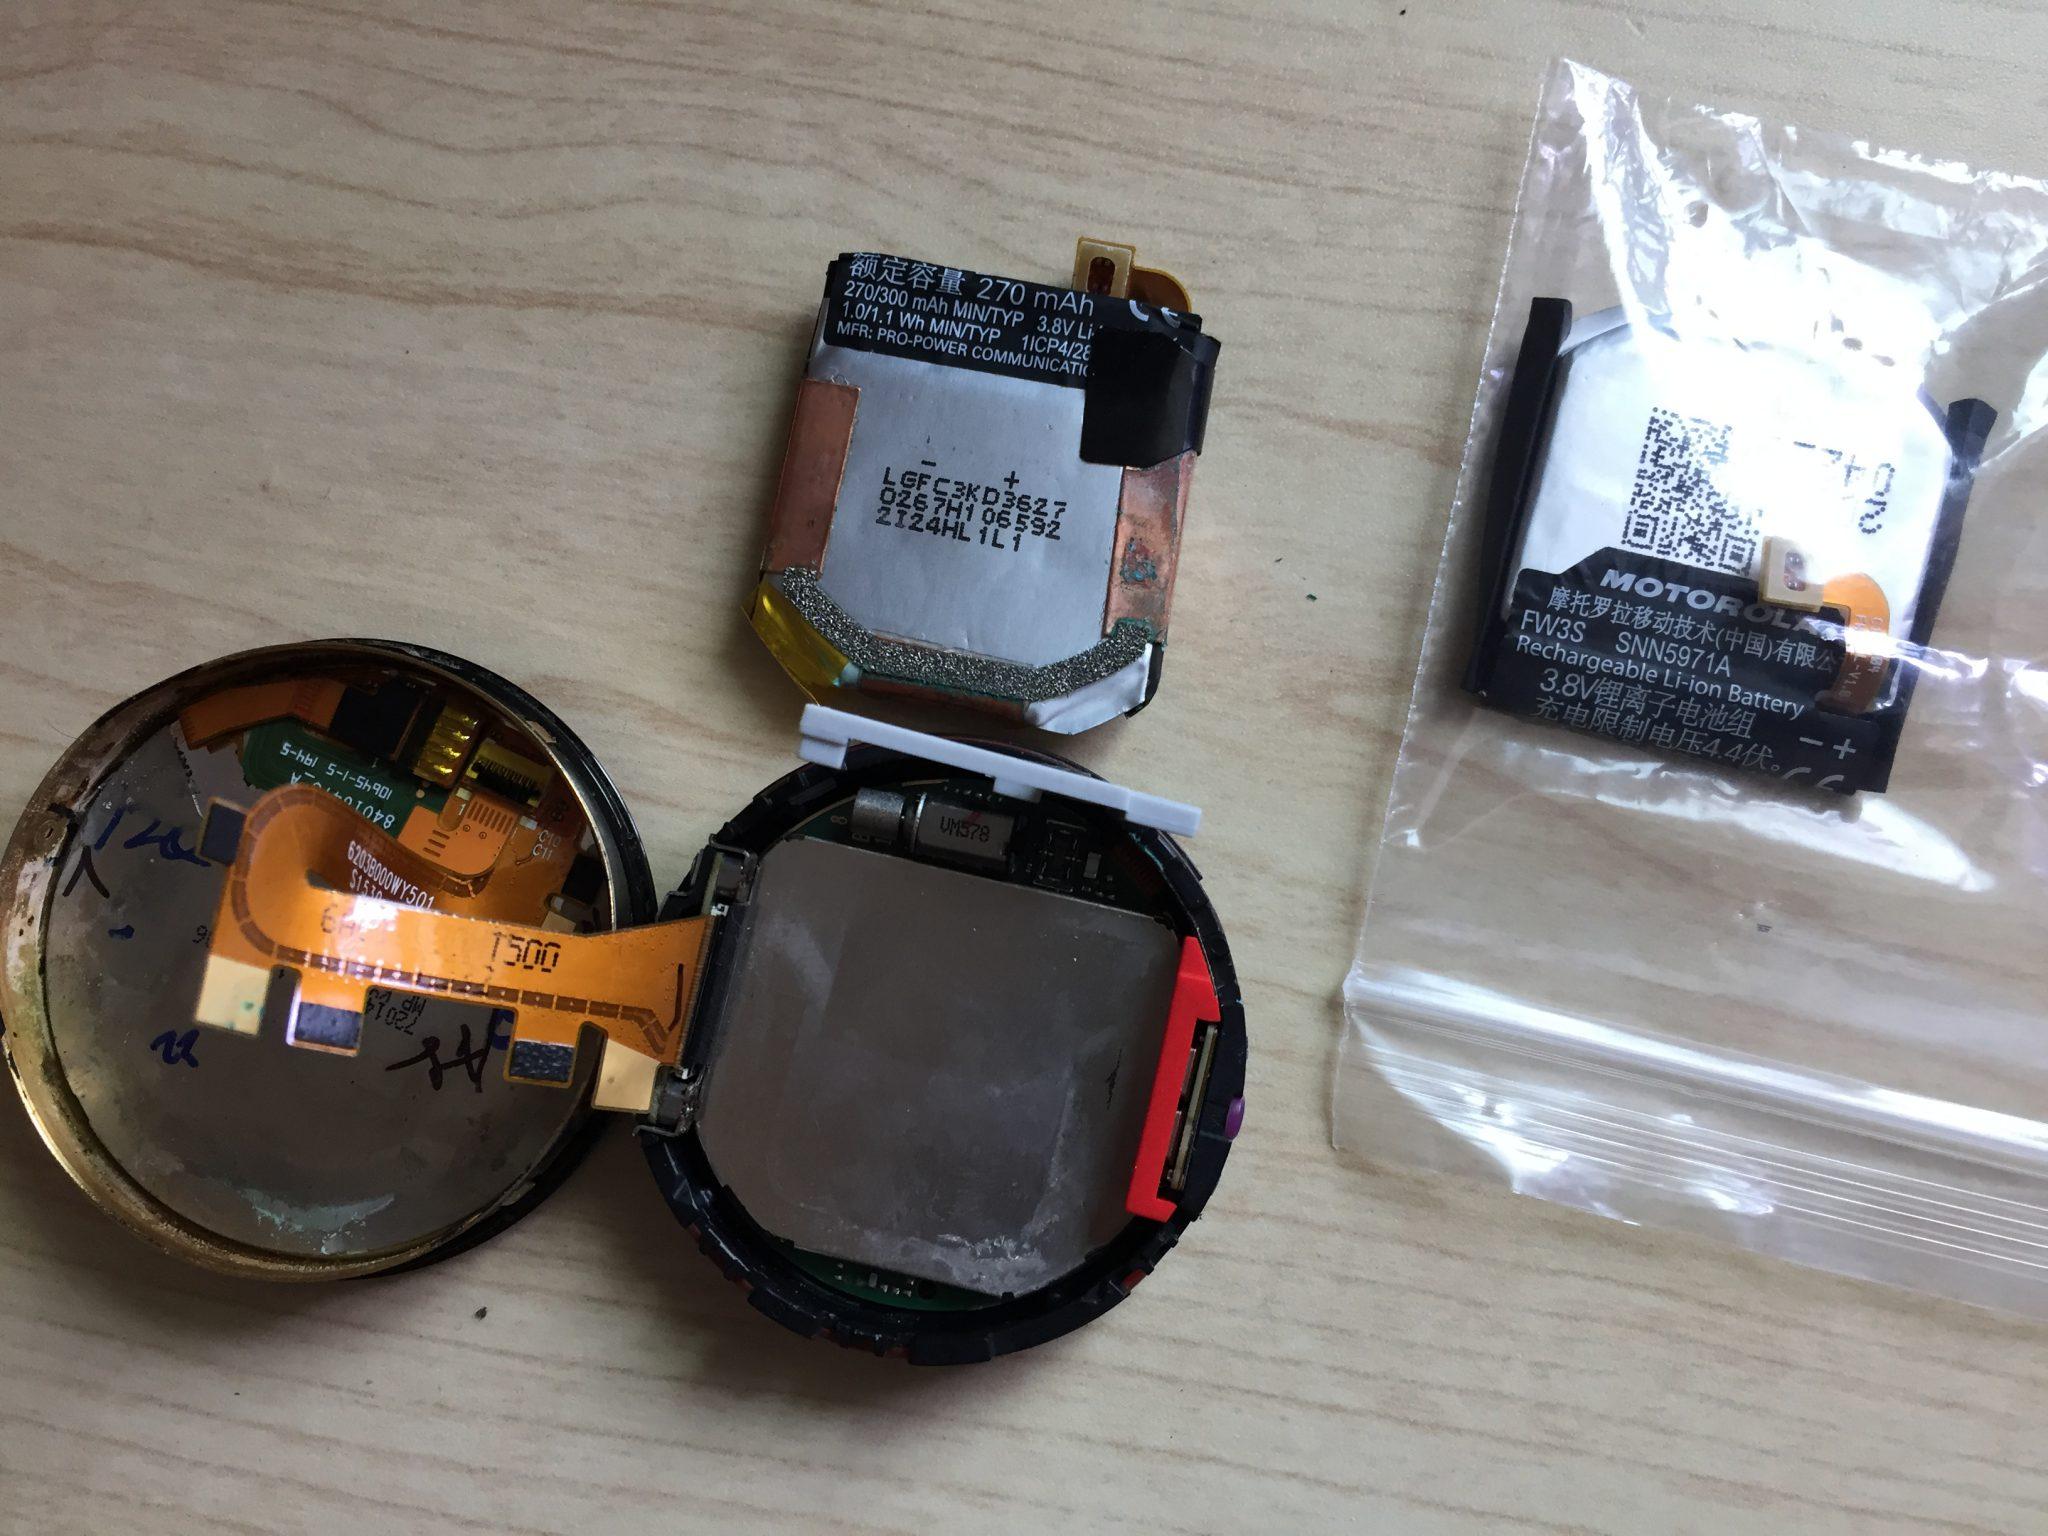 eBayで注文した「moto360(2nd Gen)」の交換用バッテリーが無事届いて早速交換したのでその結果を。。